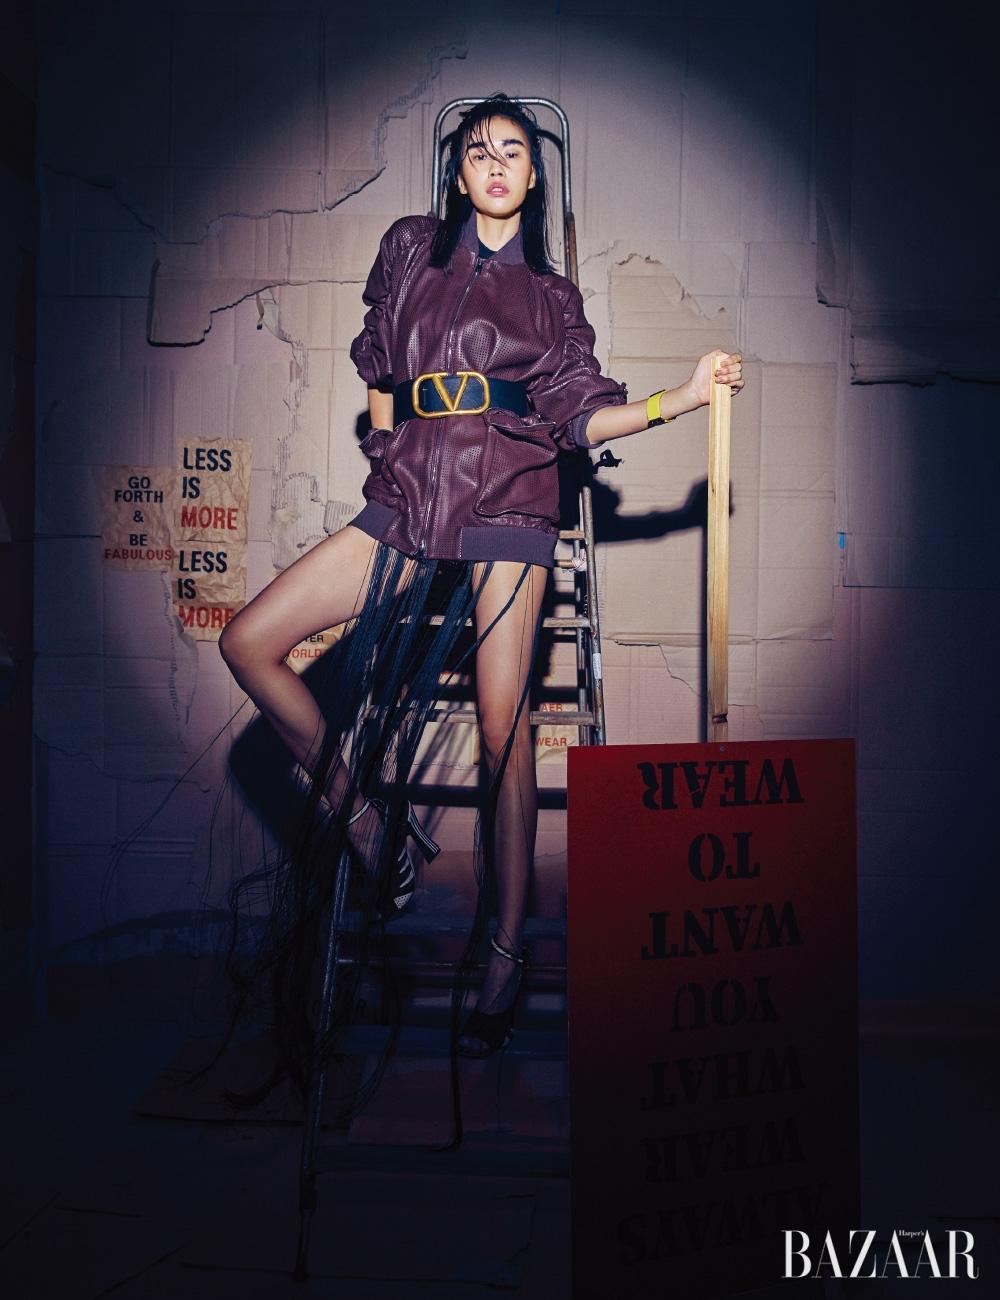 재킷은 6백9만원, 슈즈는 1백35만원 모두 Fendi, 이너로 입은 프린지 톱은 Jil Sander, 벨트는 Valentino Garavani, 팔찌는 Chanel.